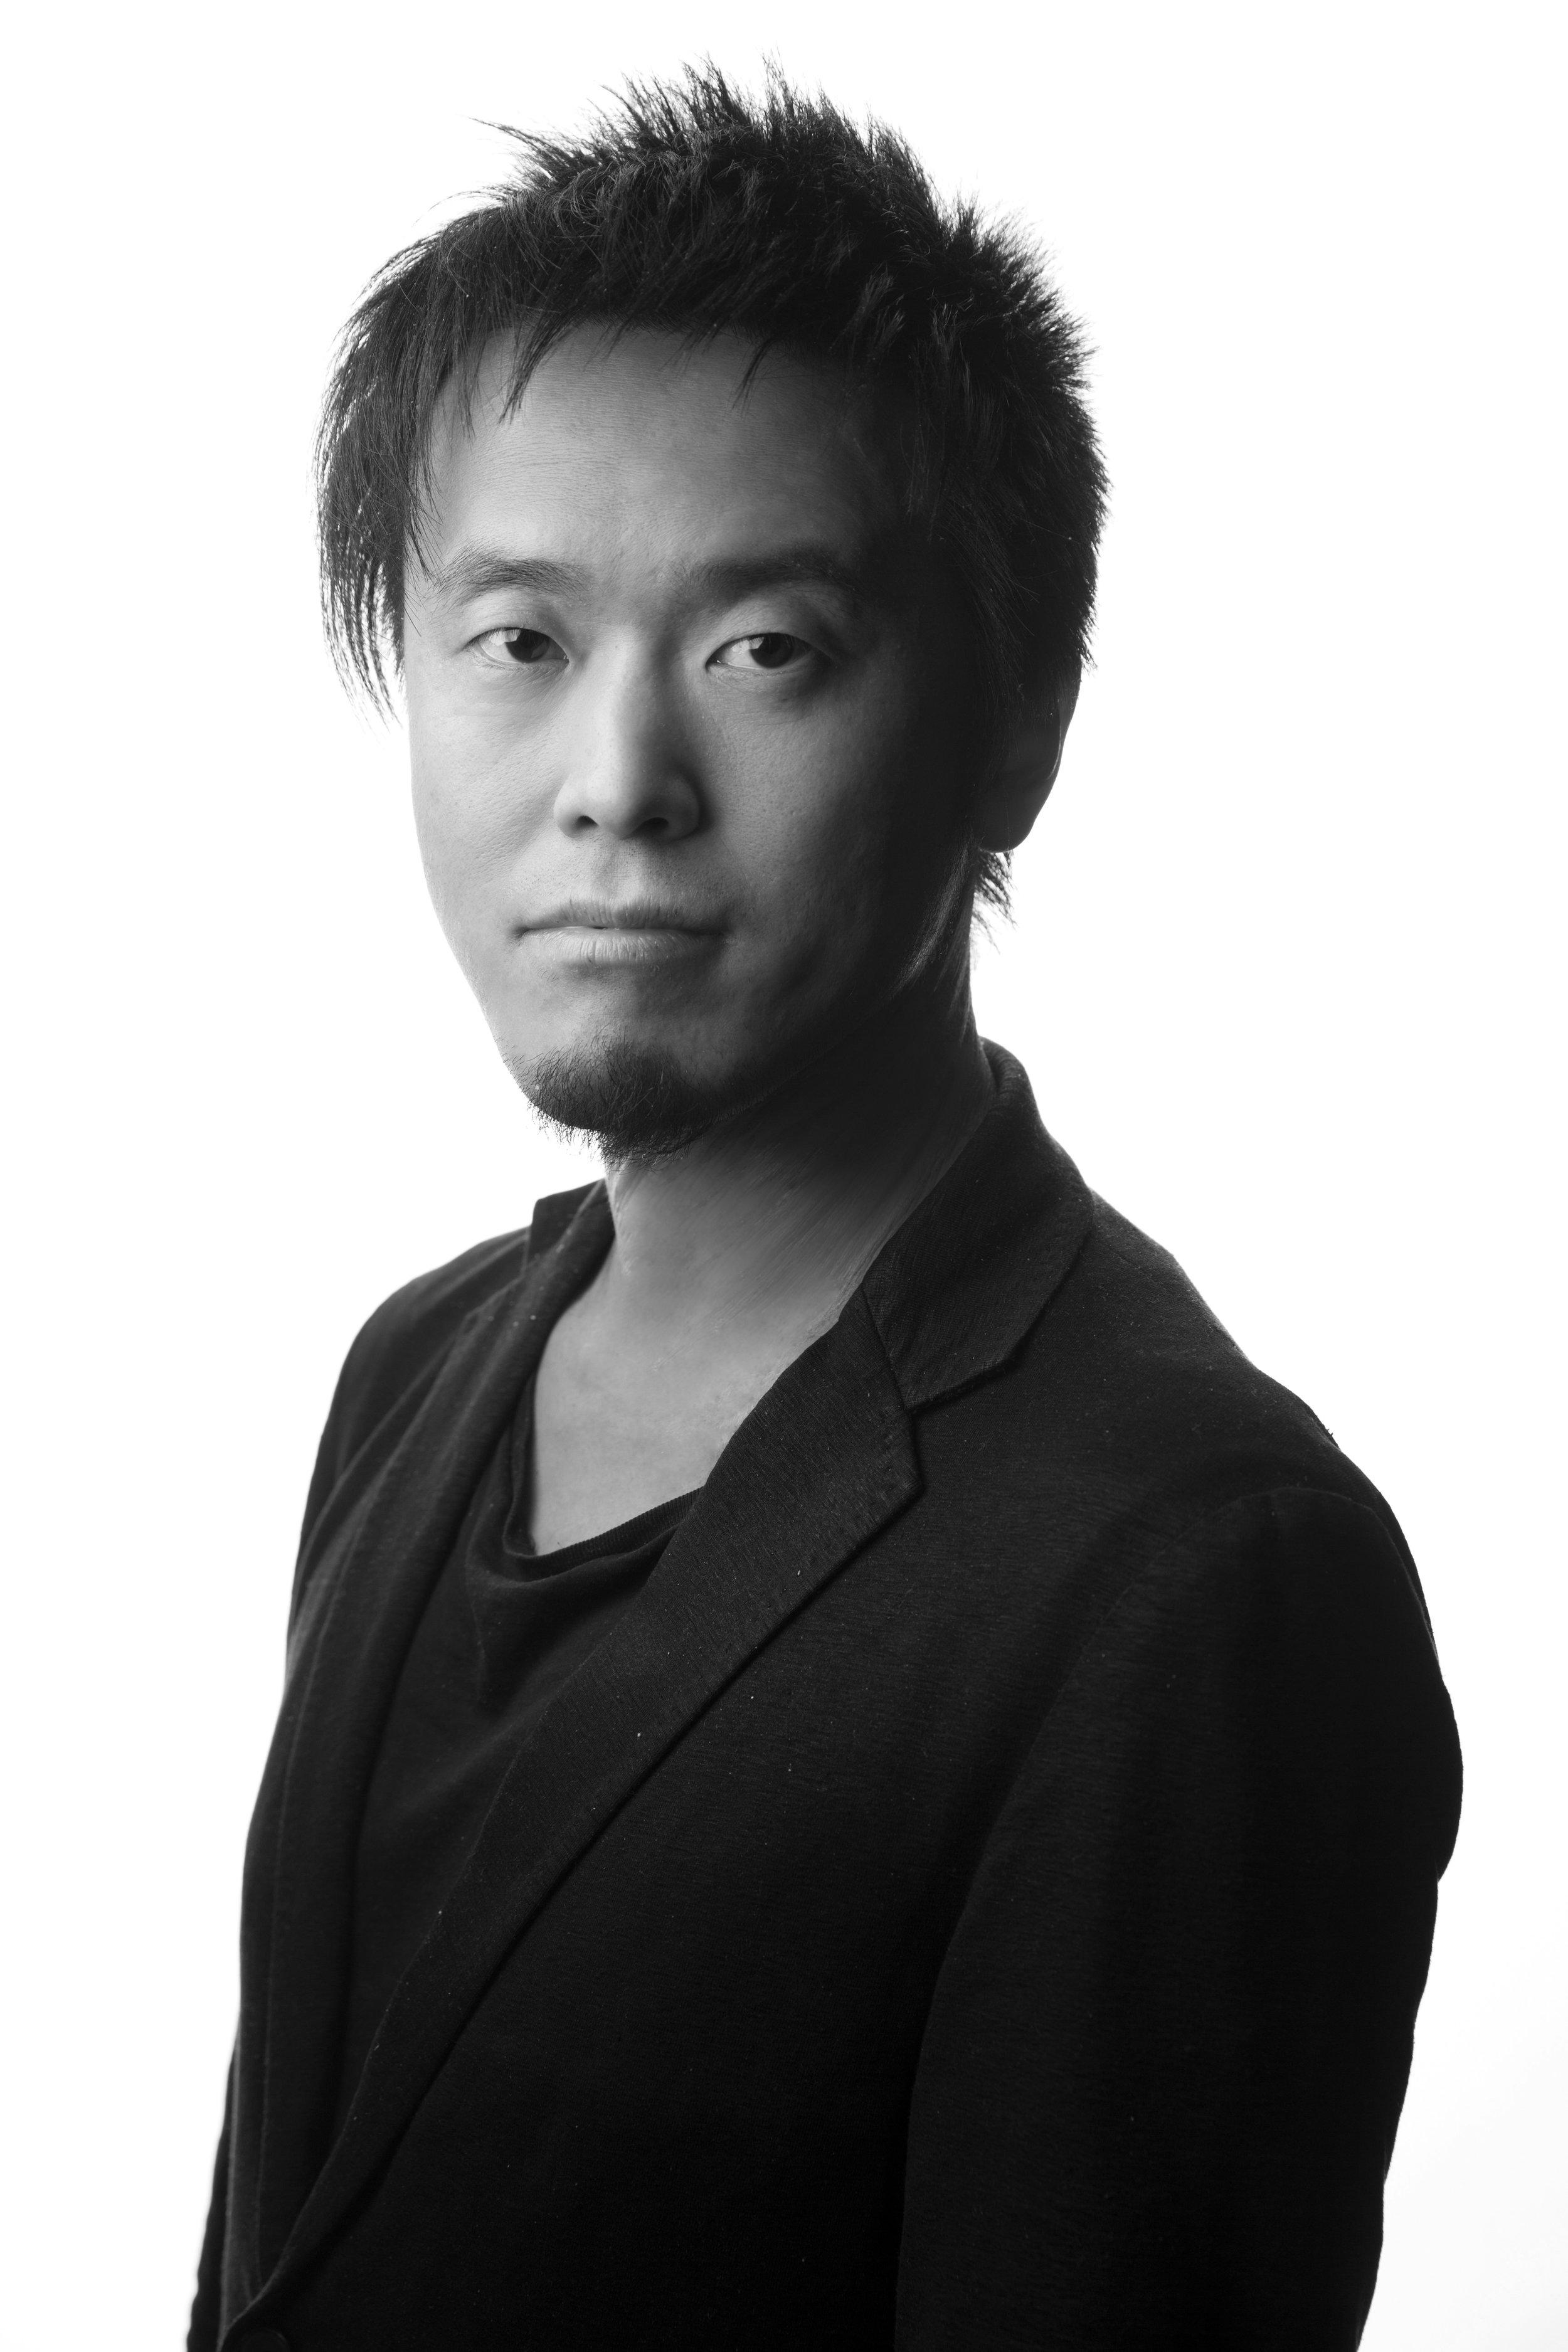 Eisuke Tachikawa